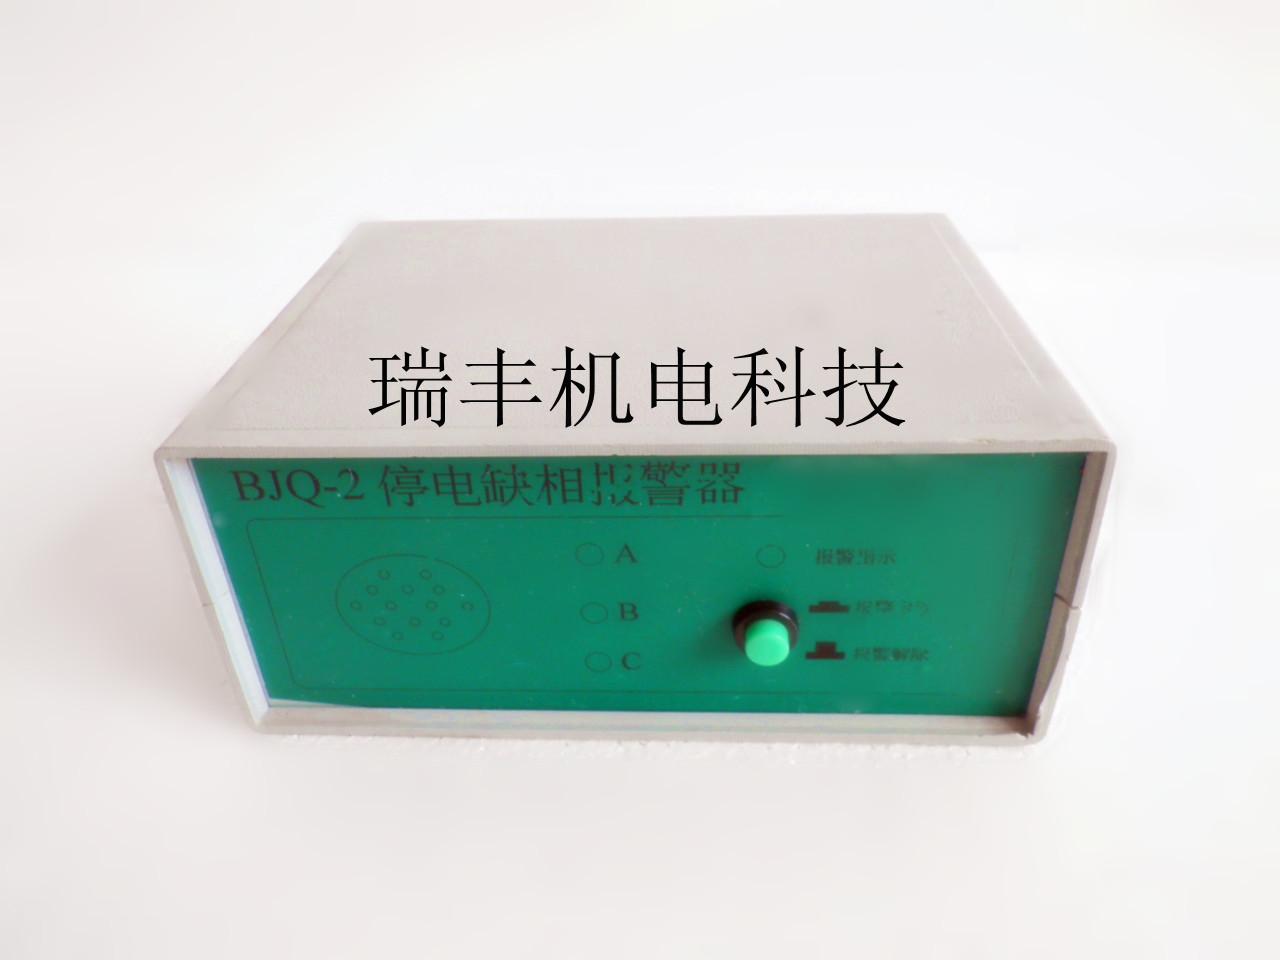 [供方]停电缺相报警器